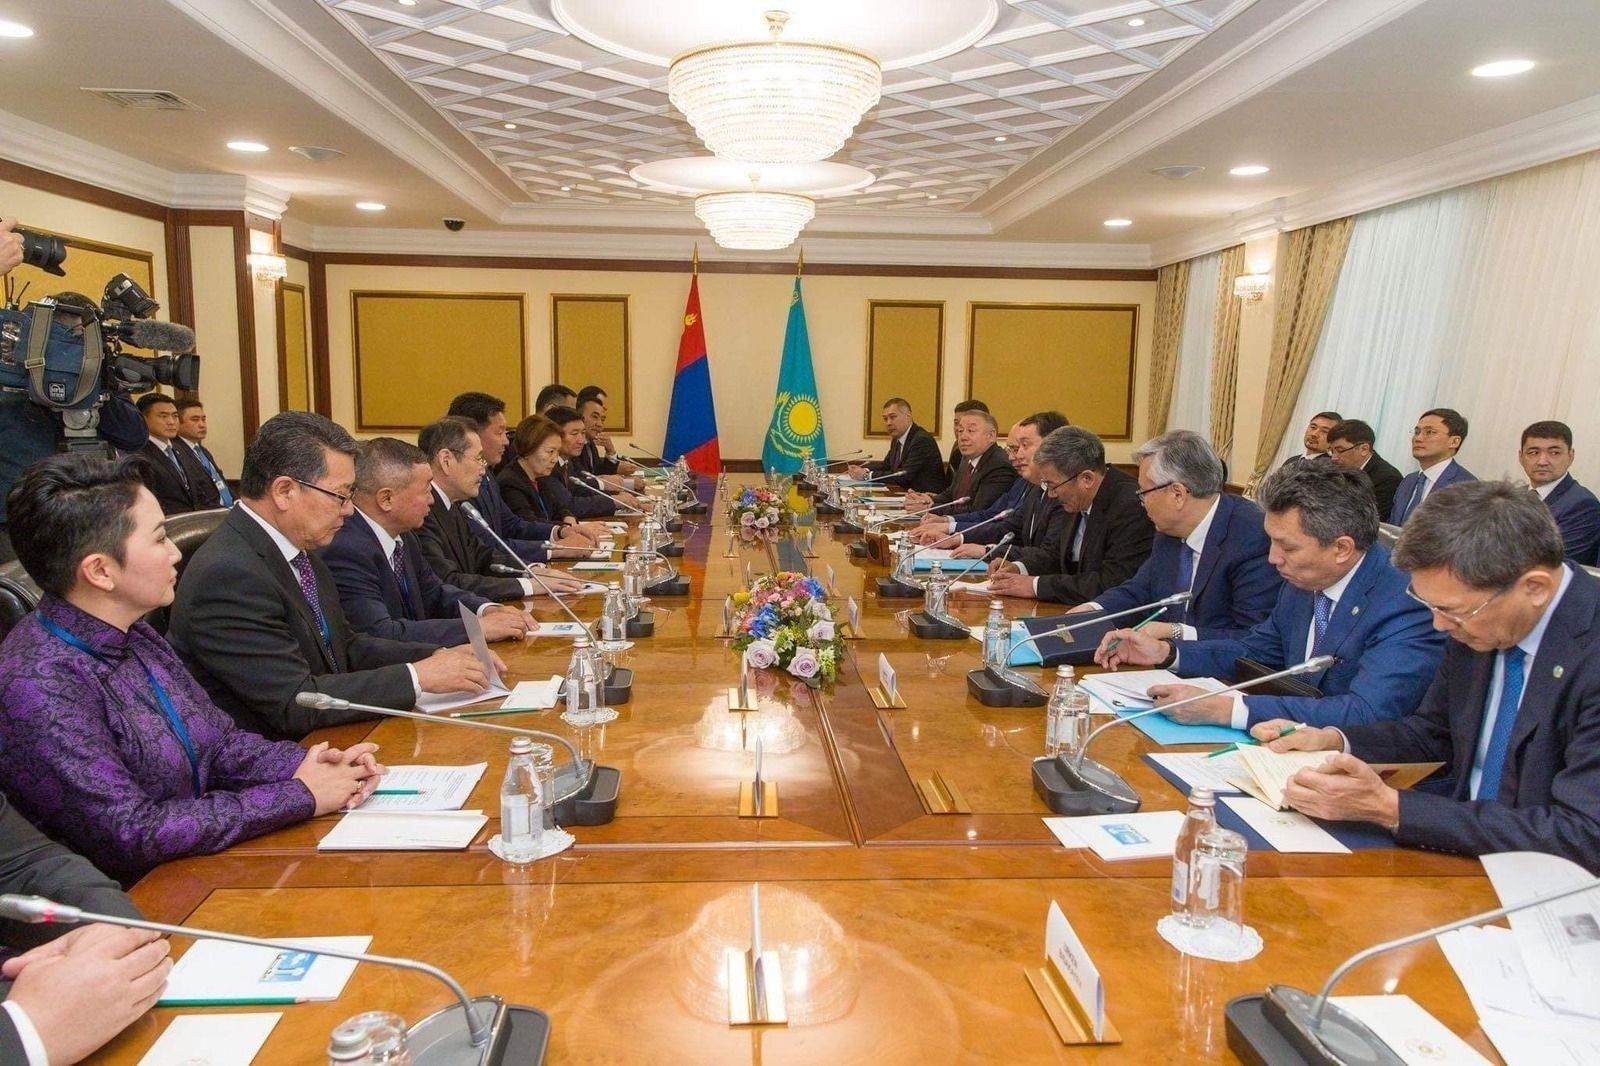 Казахстаны тал жил бүр 25 монгол иргэнд сургалтын тэтгэлэг олгоно